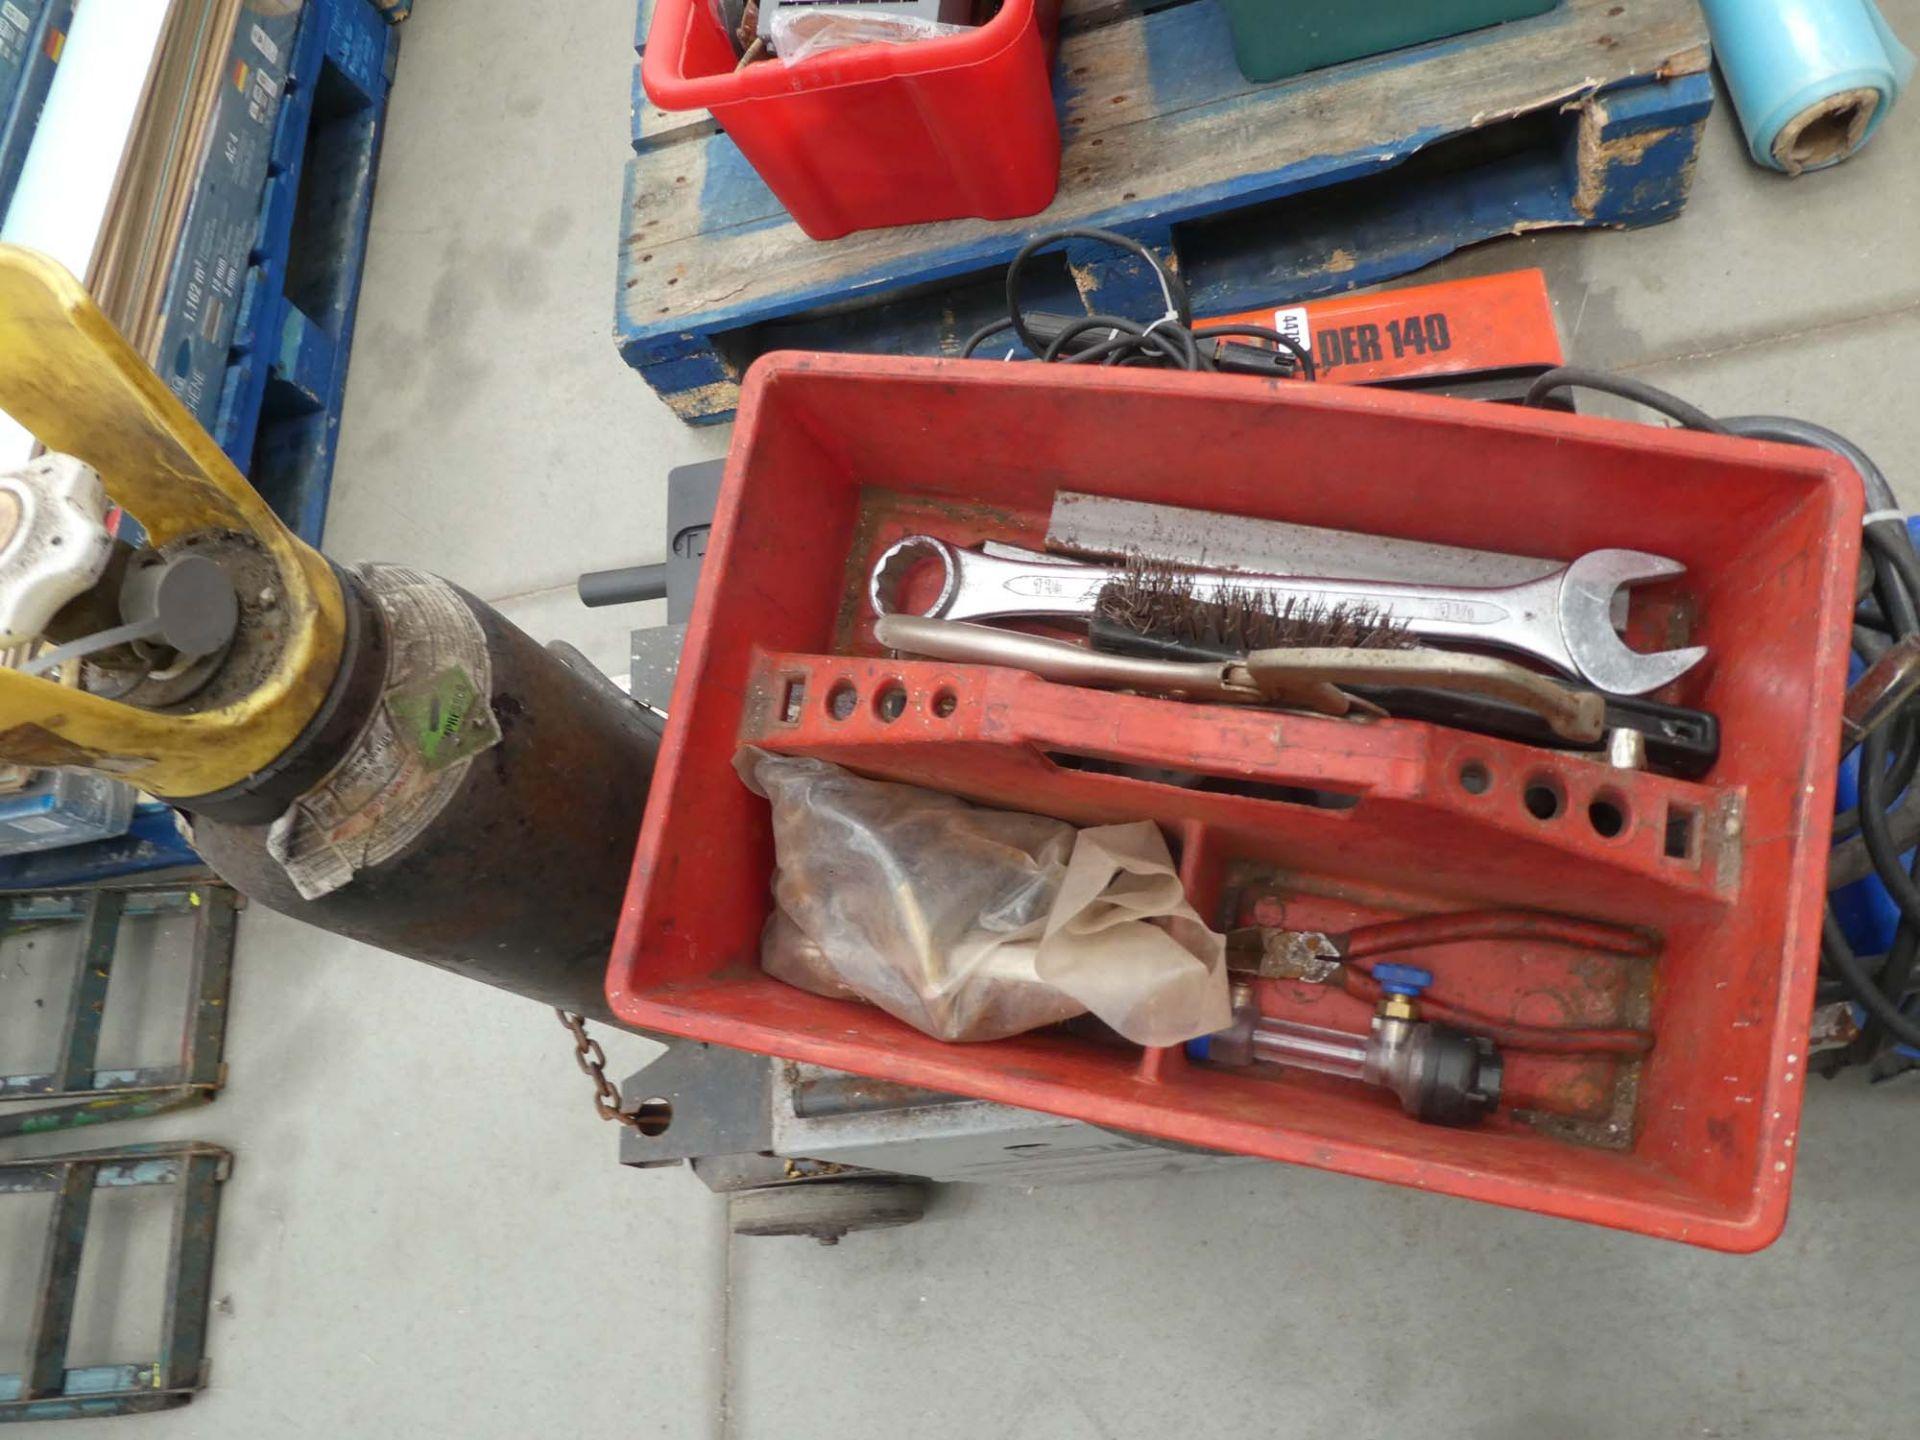 Sip Auto Plus mig welder with helmet - Image 2 of 2